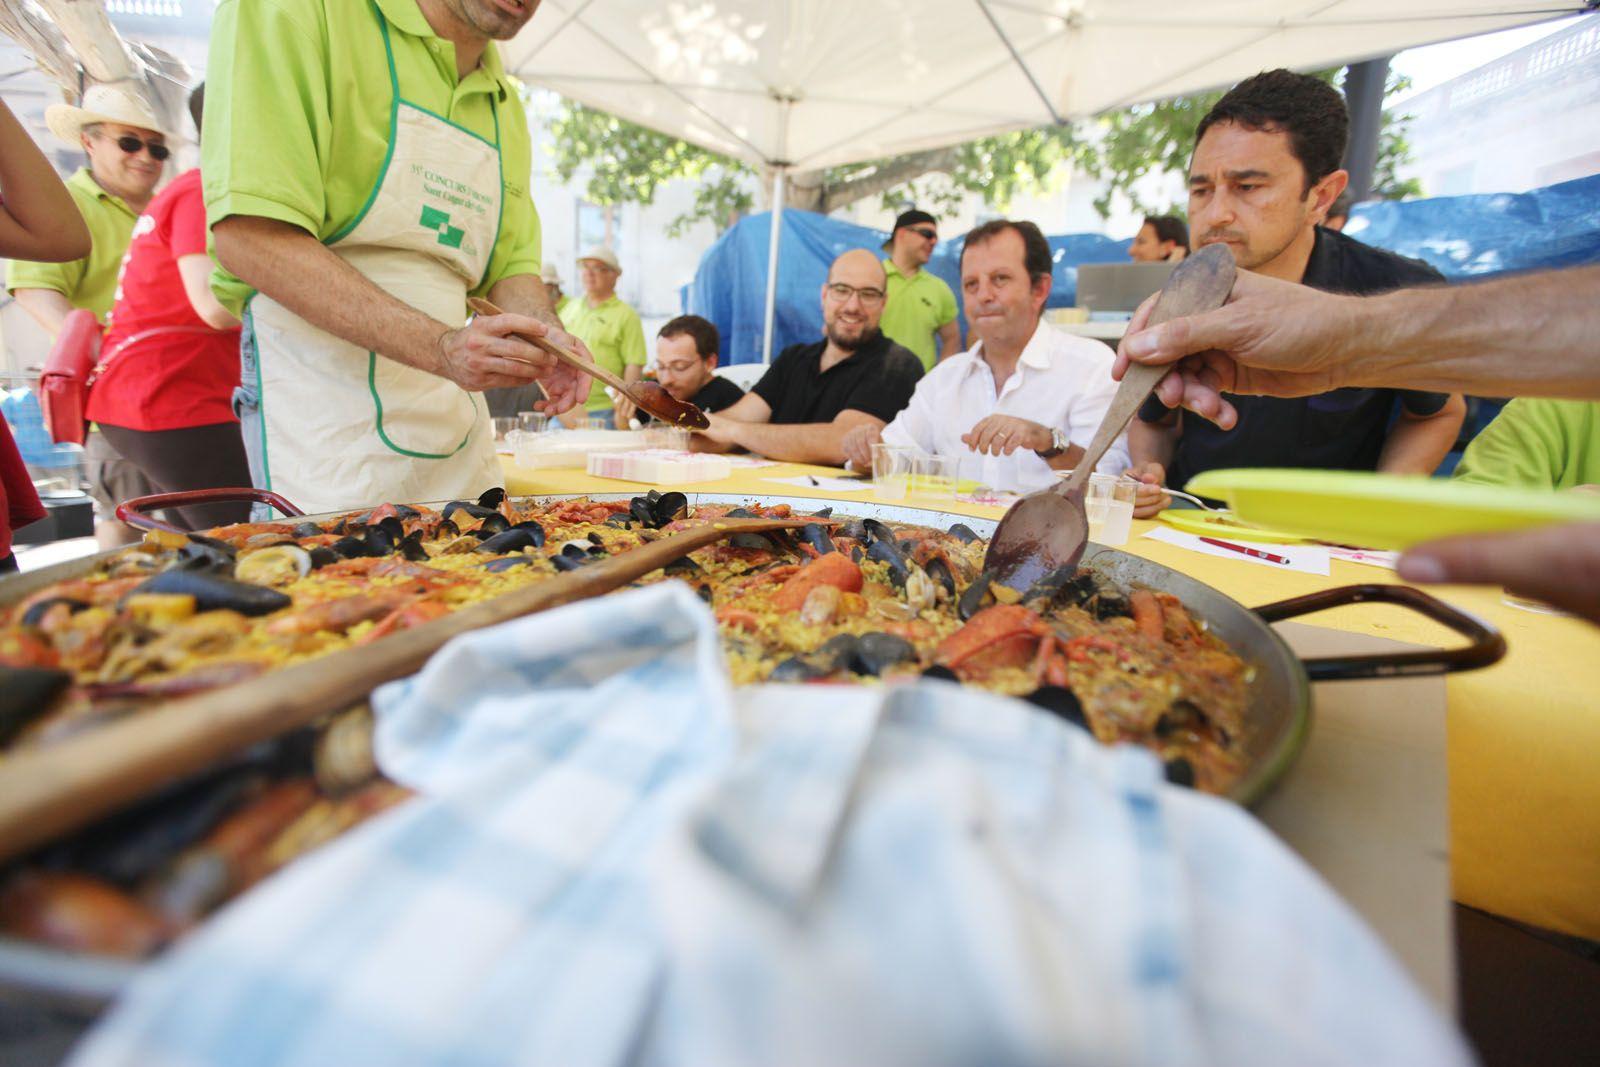 El jurat tastant les paelles. FOTO: Lali Puig